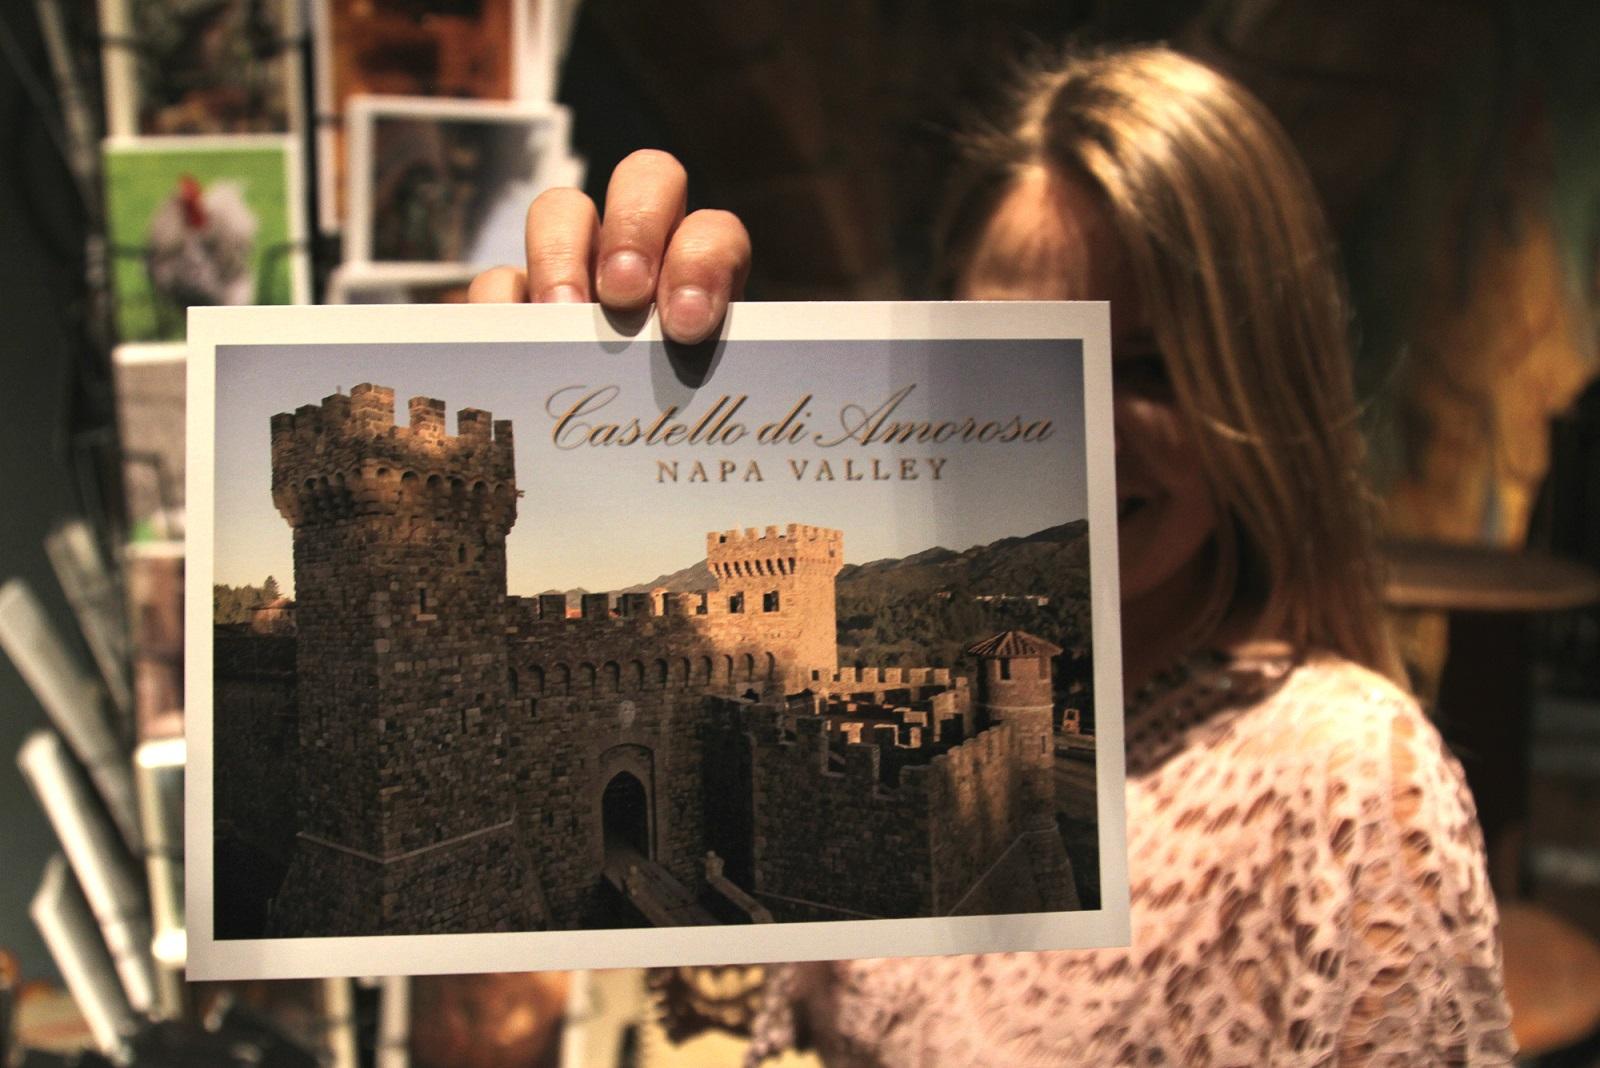 Castello Di Amorosa Napa Valley